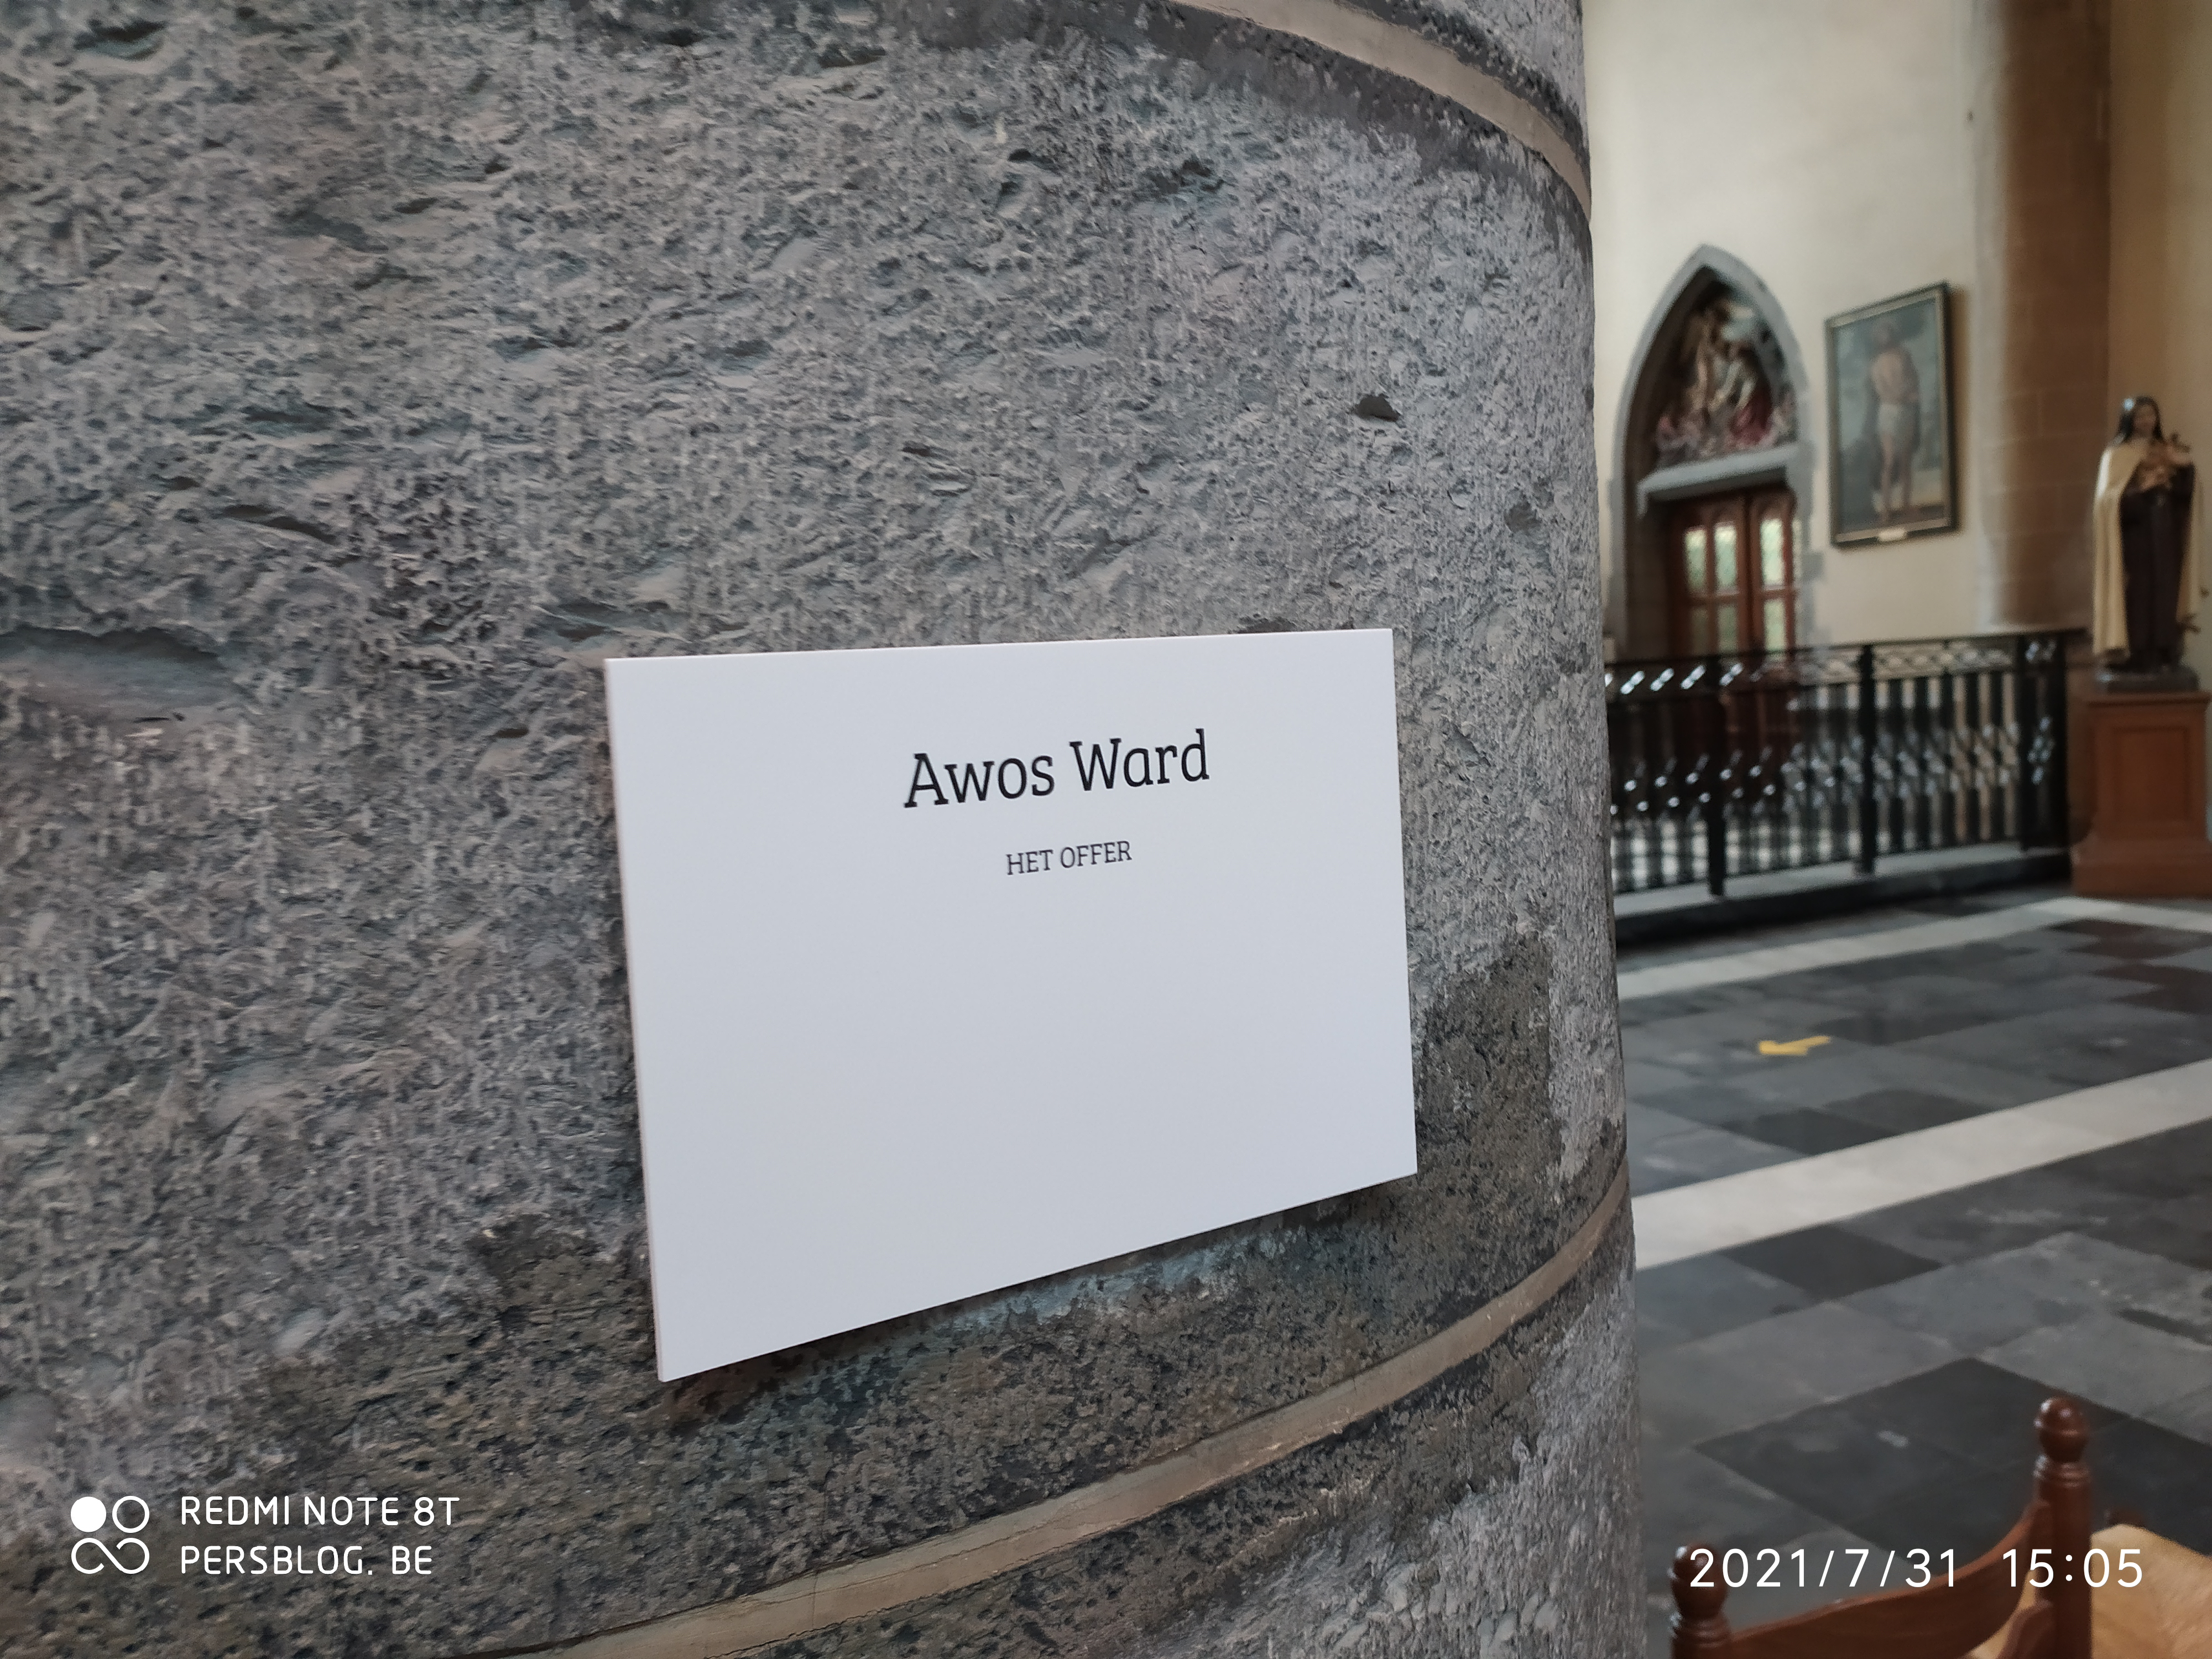 3 Bij Sint-Jacobs - Sint-Jacobskerk - kunstexpositie (7)